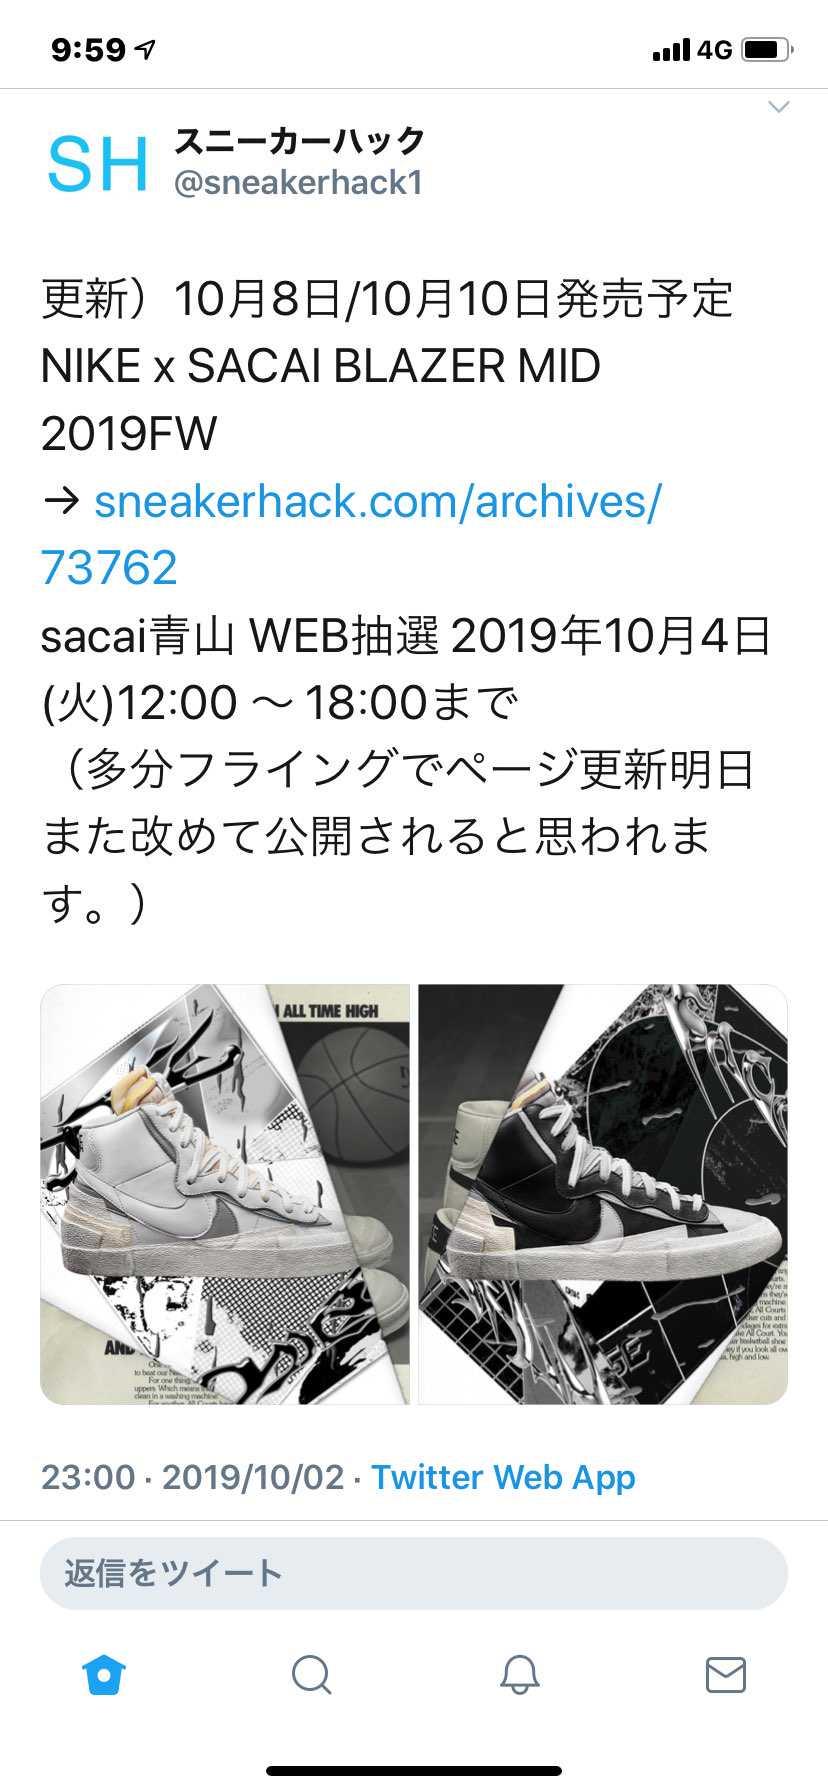 一応、他のスニーカーサイトより転載です。 sacai公式は明日抽選応募の可能性